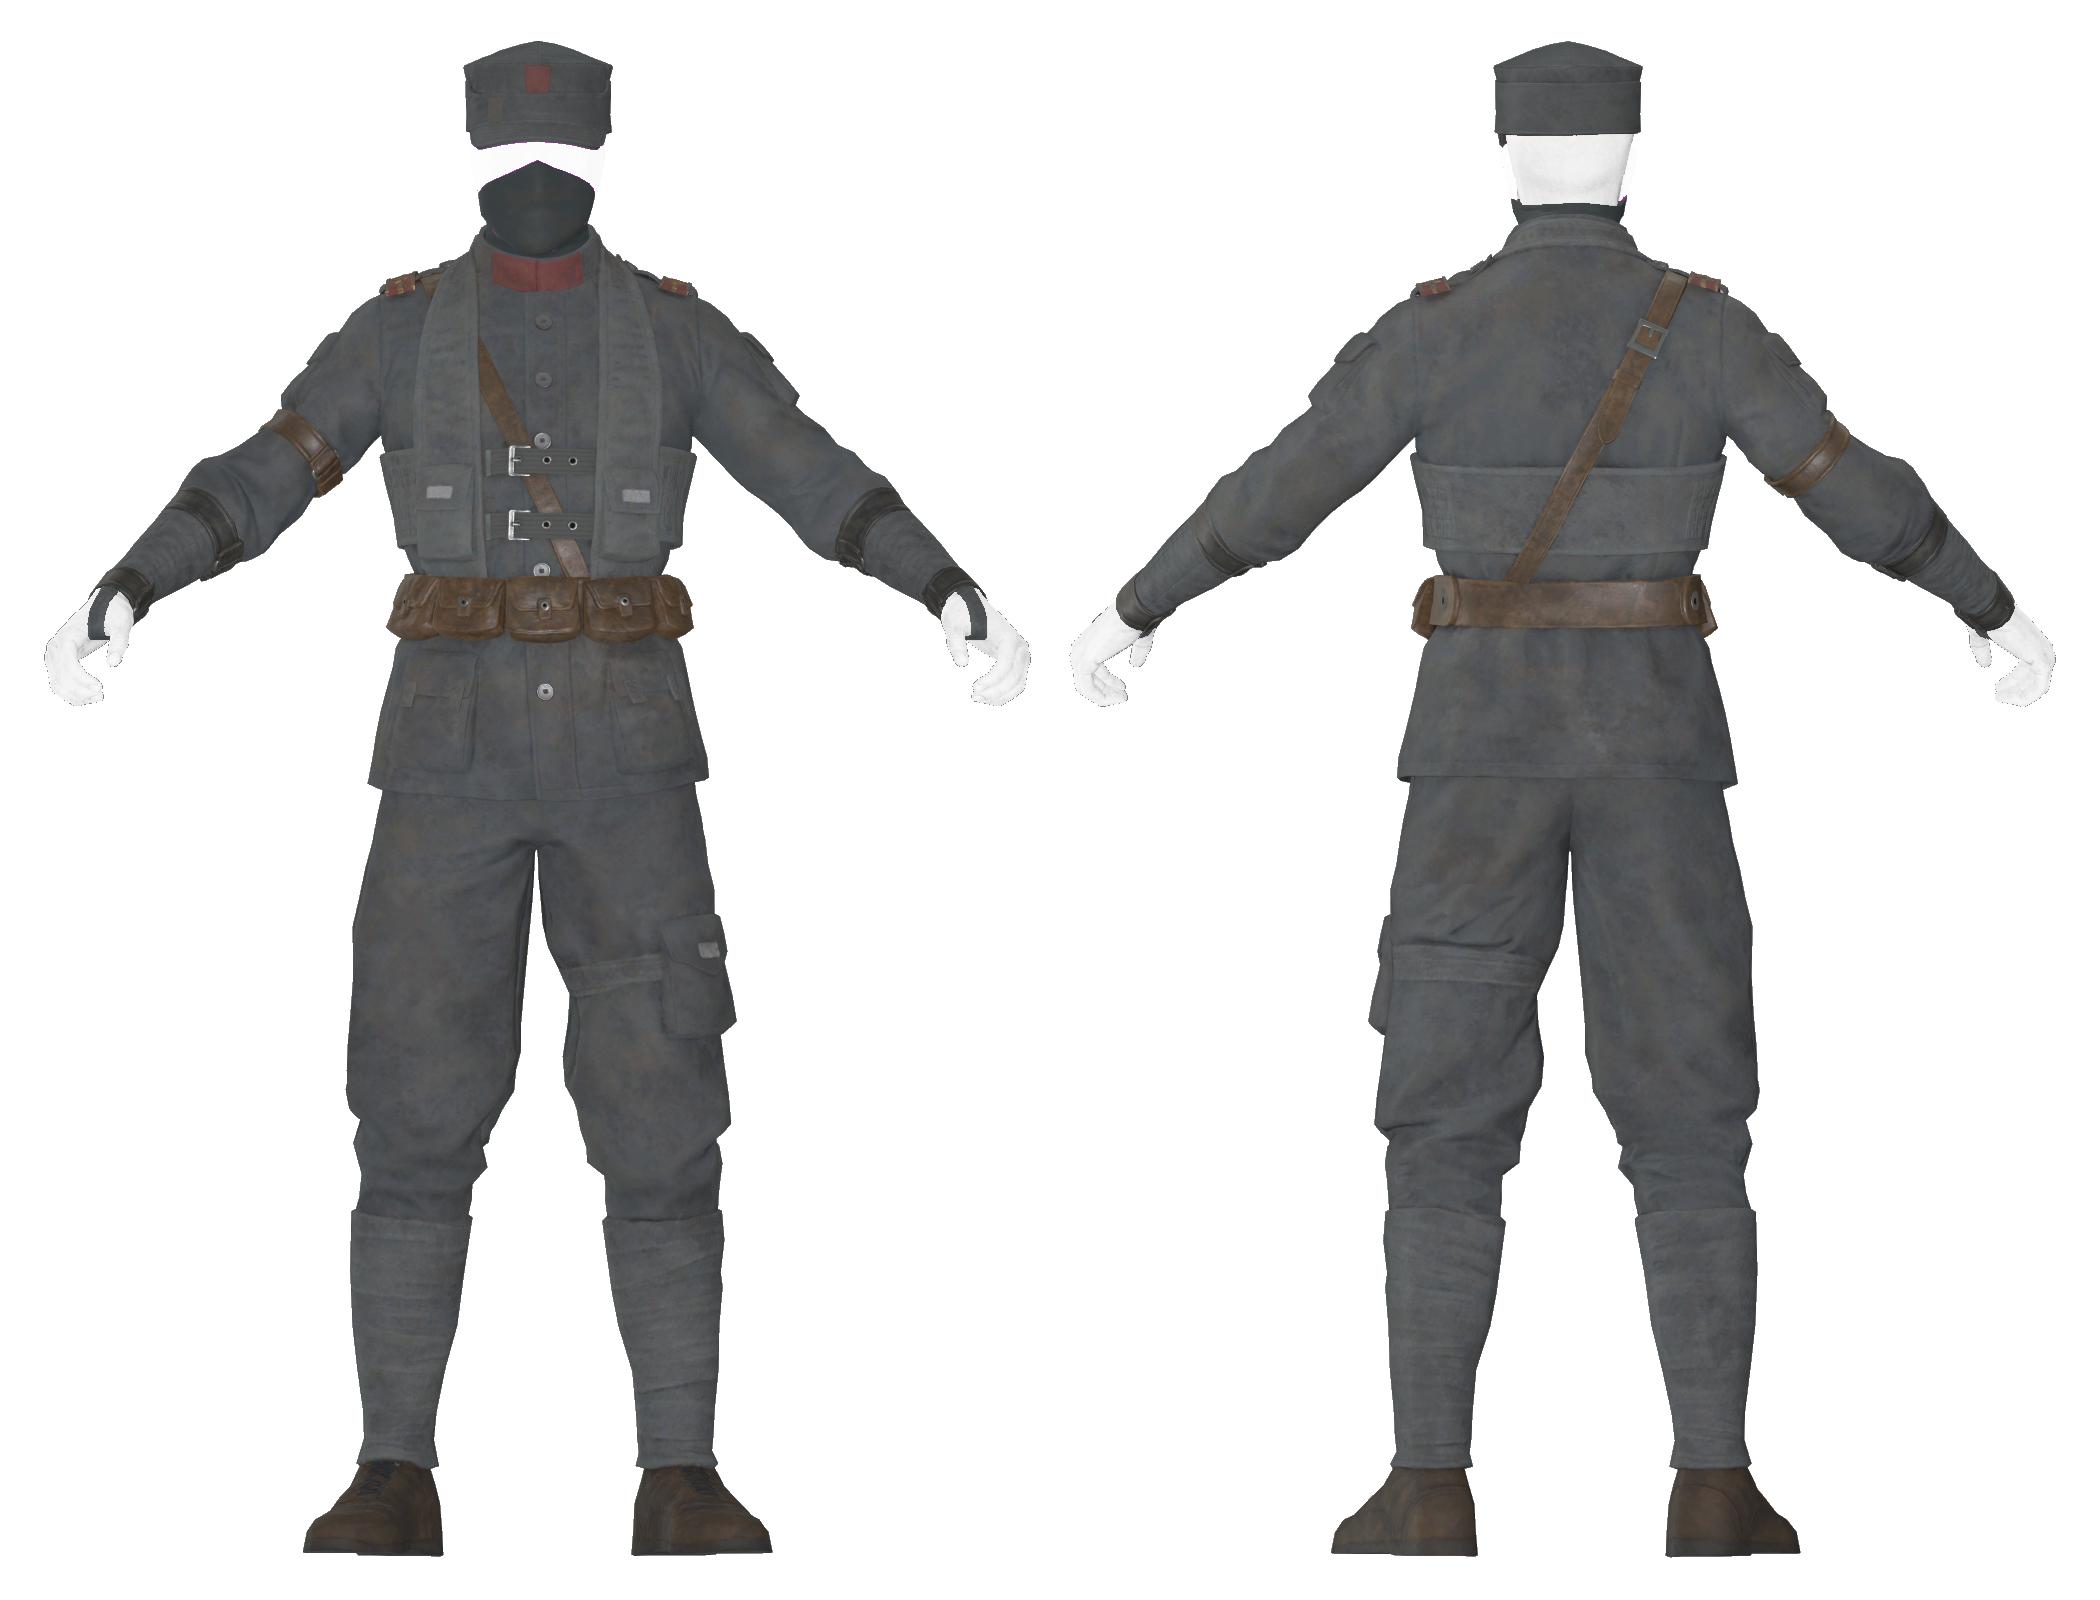 Communist militant outfit